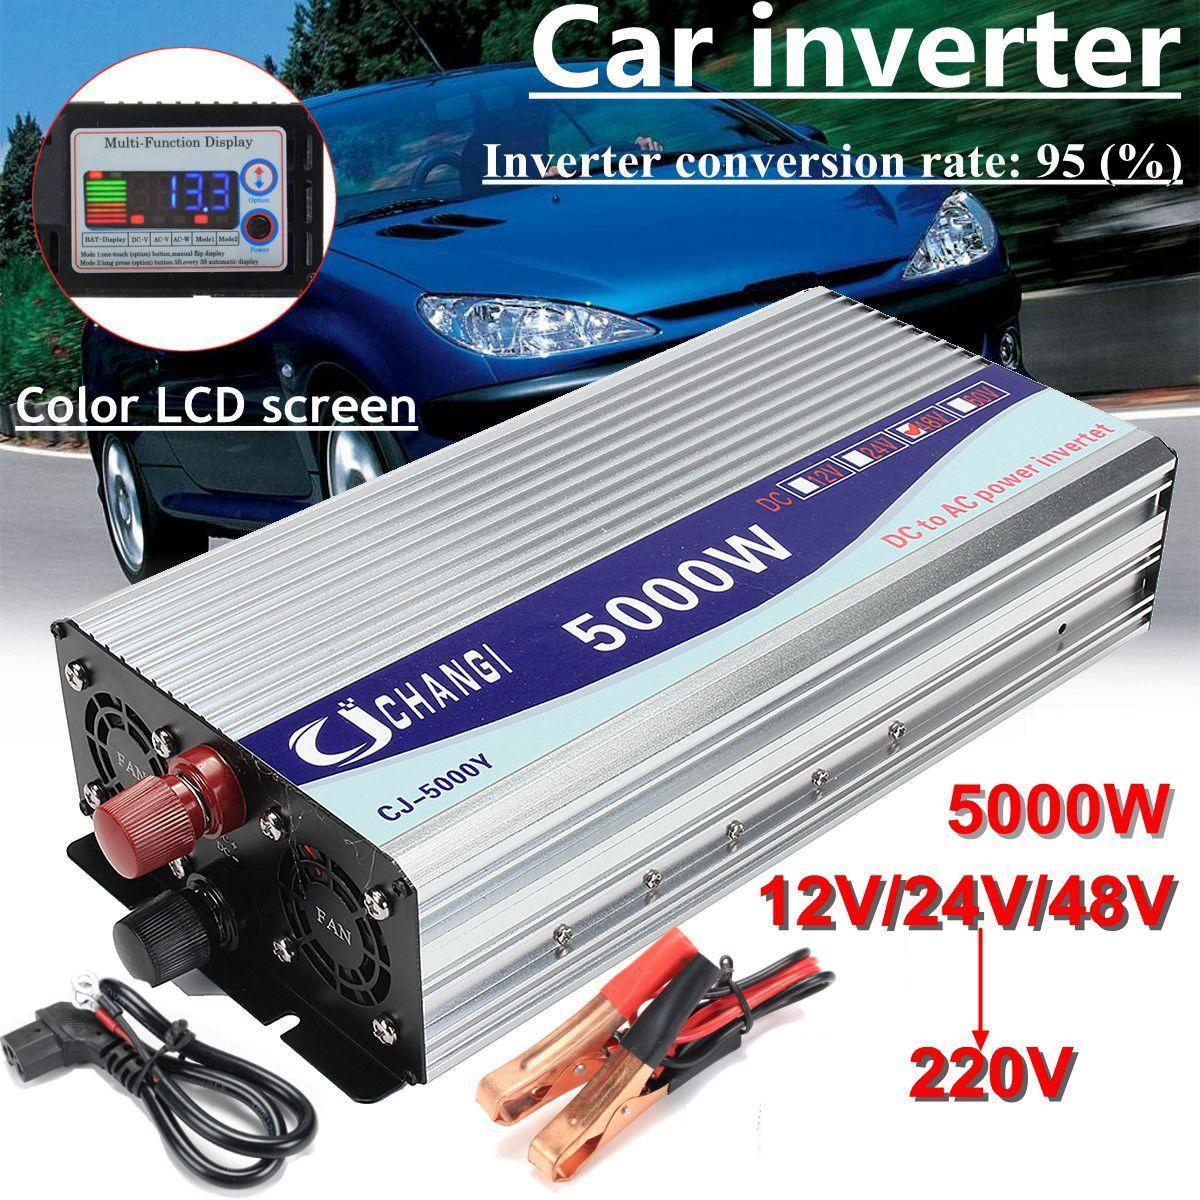 Input voltage 12V/24V/48V output voltage 220V  Corrected Sine Wave Transformer 10000wInput voltage 12V/24V/48V output voltage 220V  Corrected Sine Wave Transformer 10000w